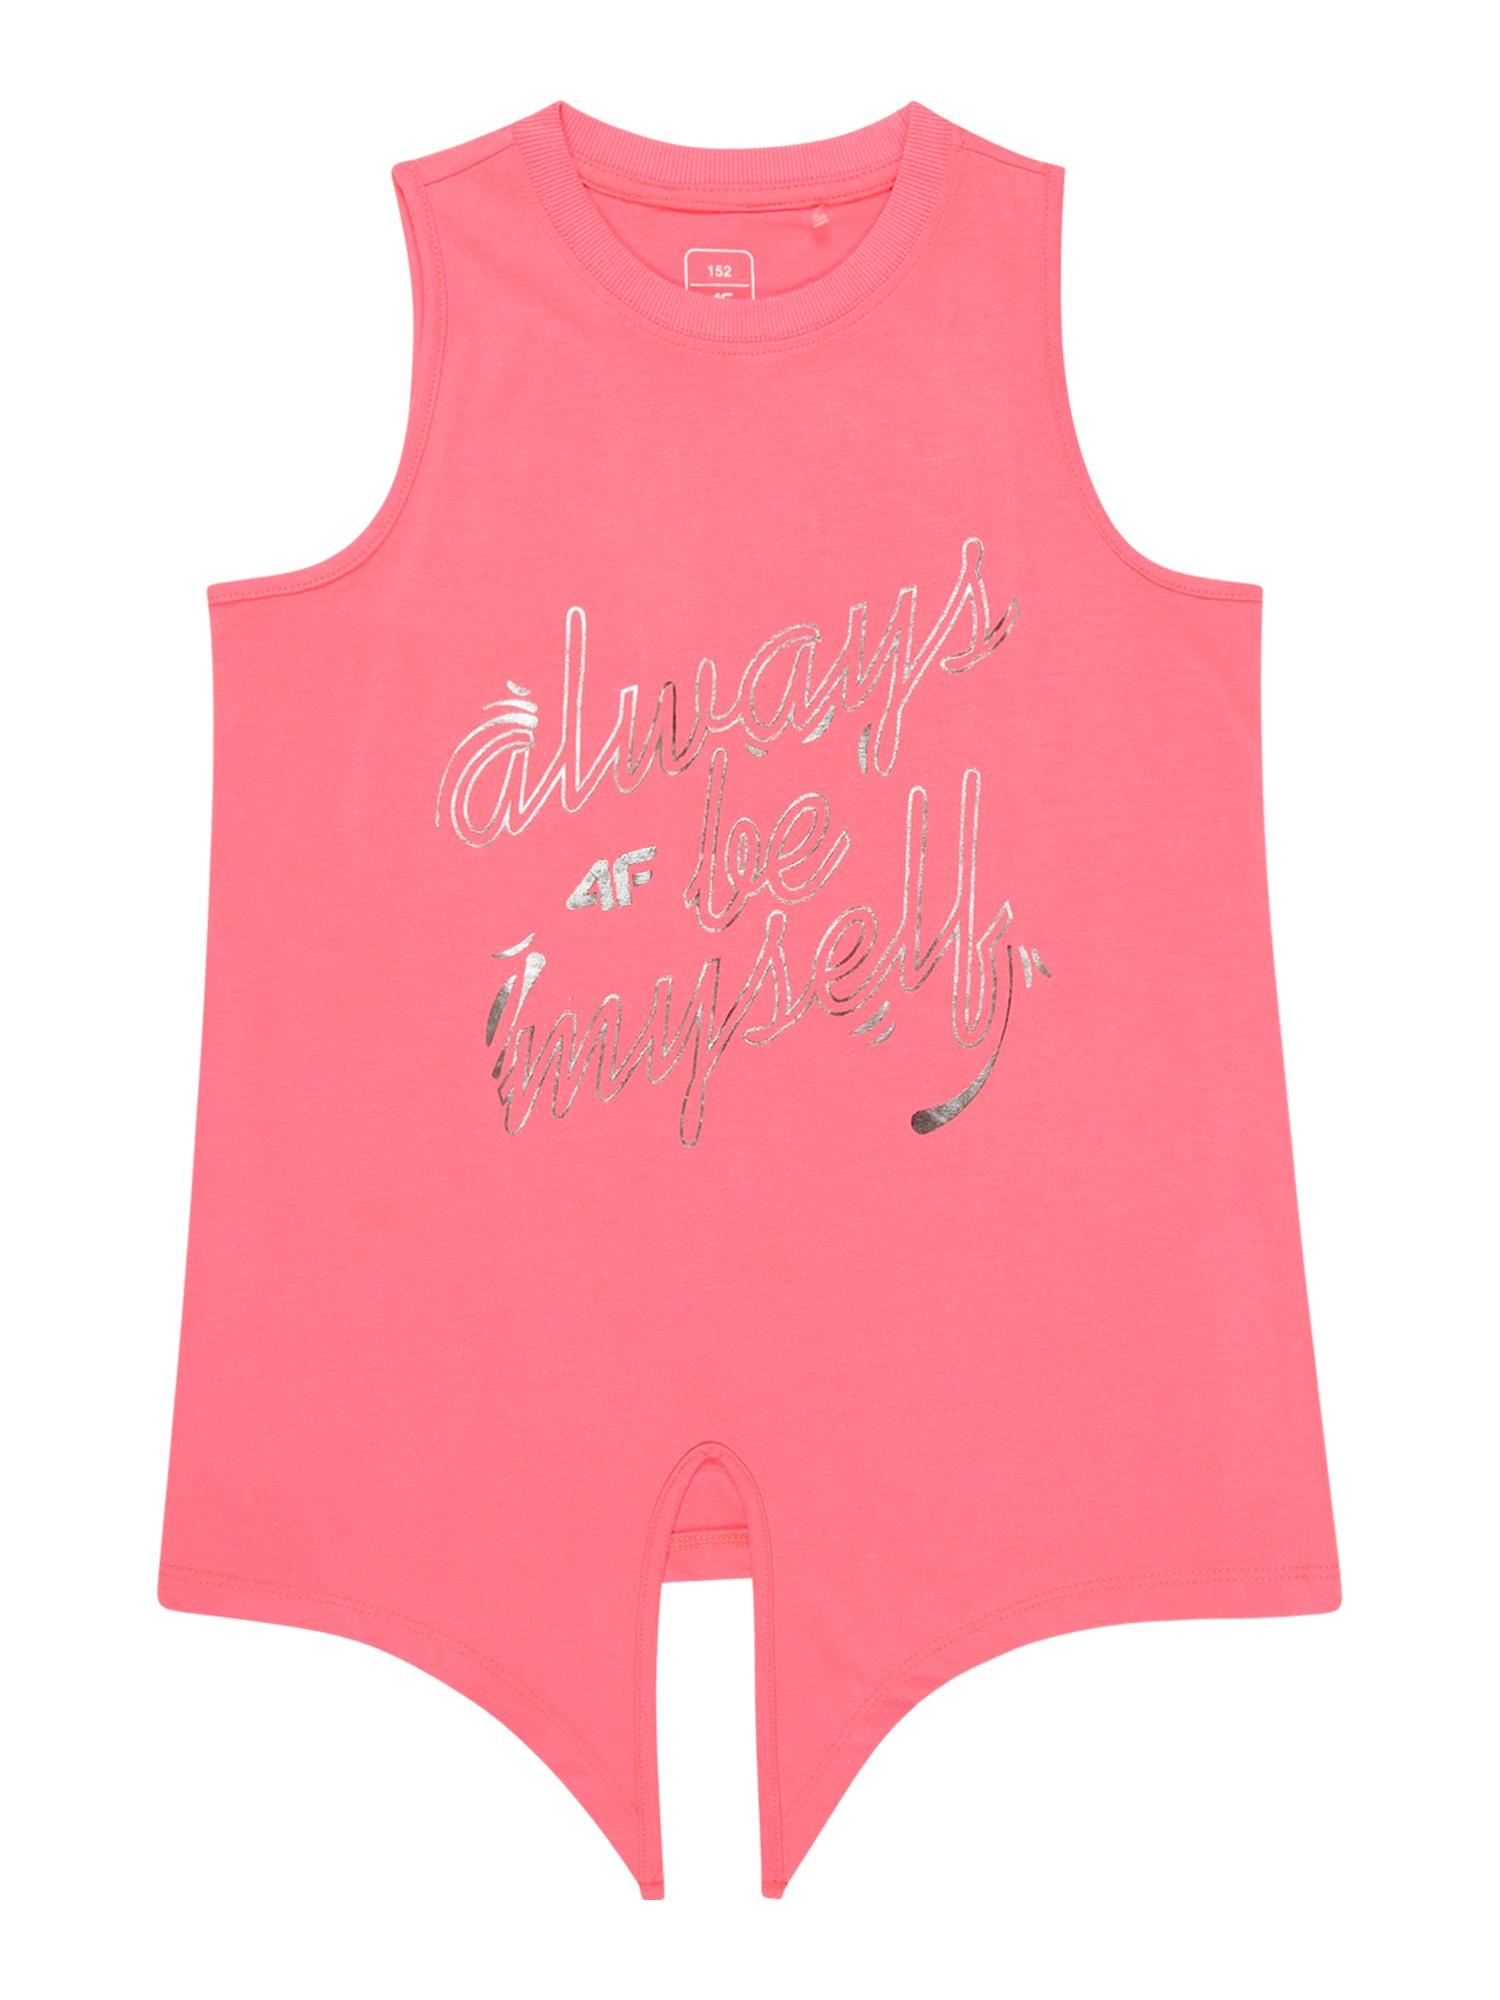 4F Sportiniai marškinėliai be rankovių koralų splava / auksas